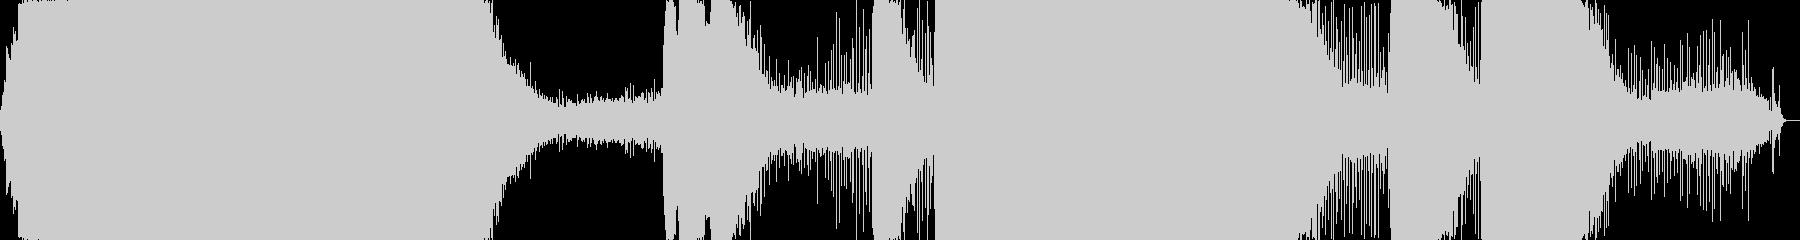 チェーンソー:高音域で安定したモーター。の未再生の波形